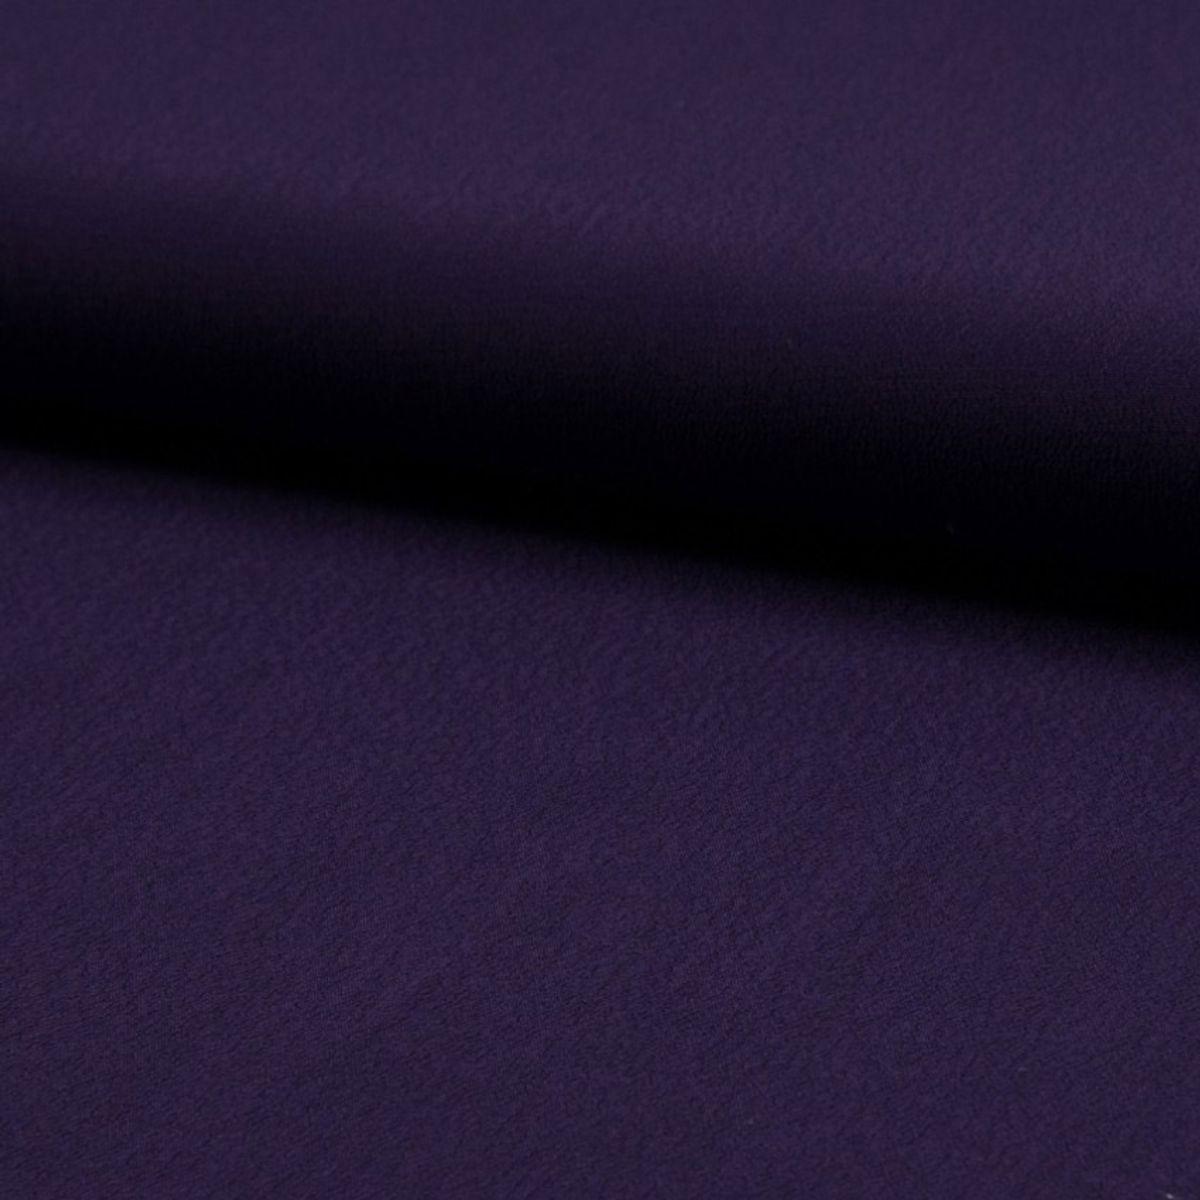 Tissu crêpe de viscose - Violet